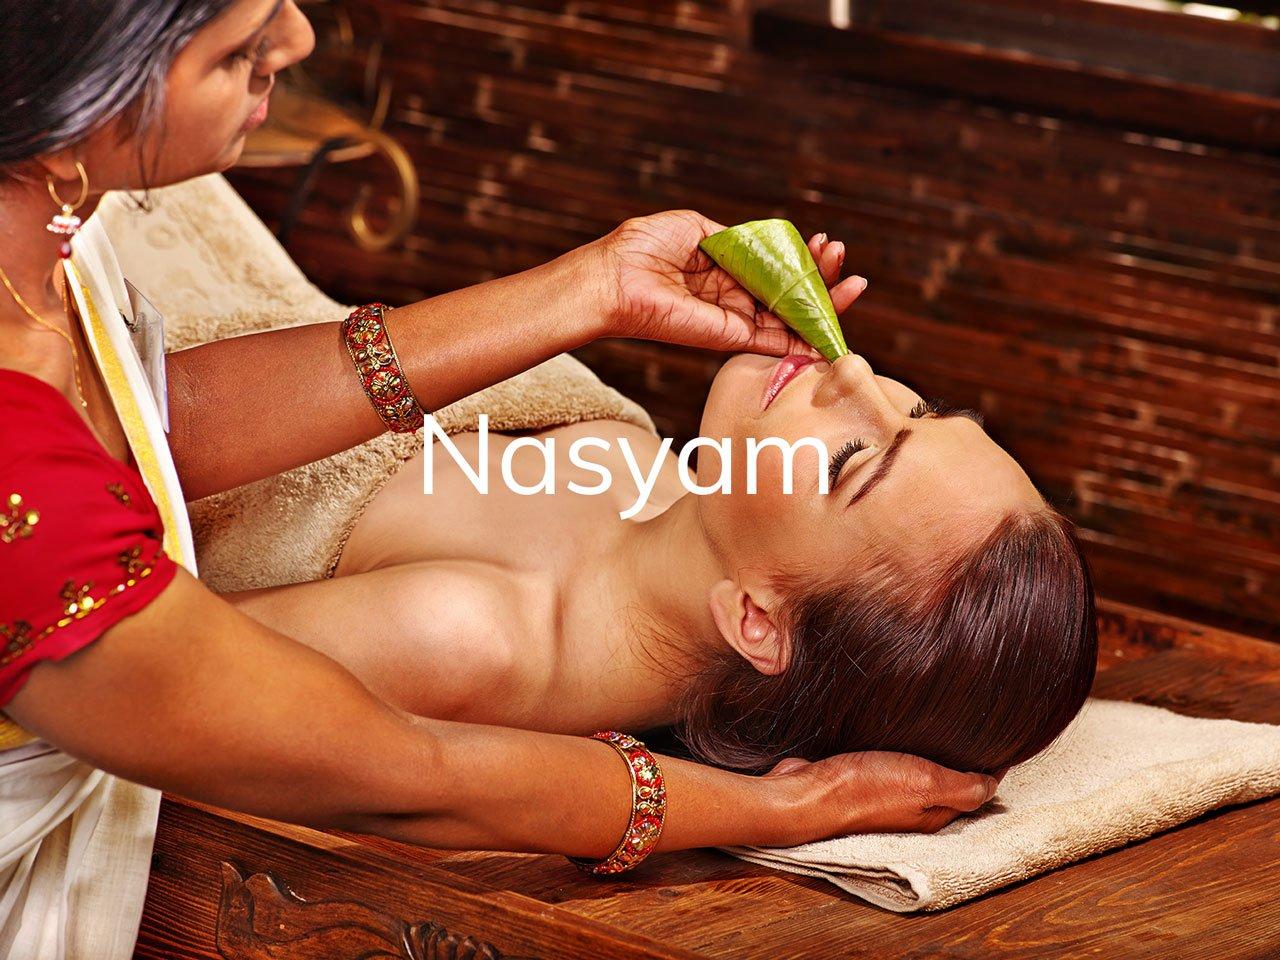 Nasyam